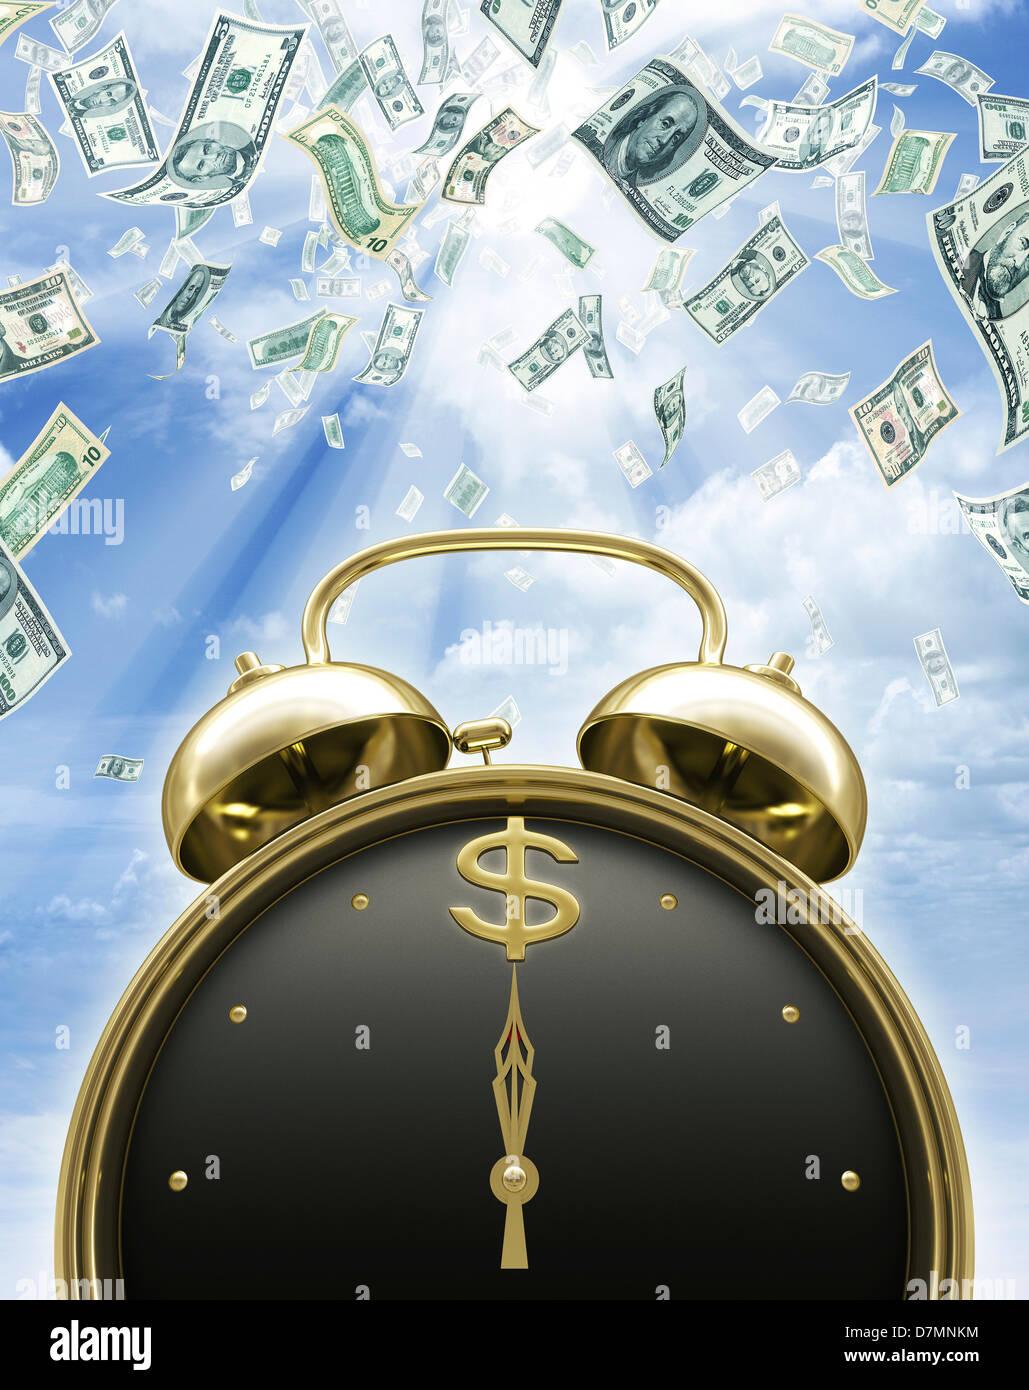 Il tempo è denaro, opere d'arte concettuale Immagini Stock